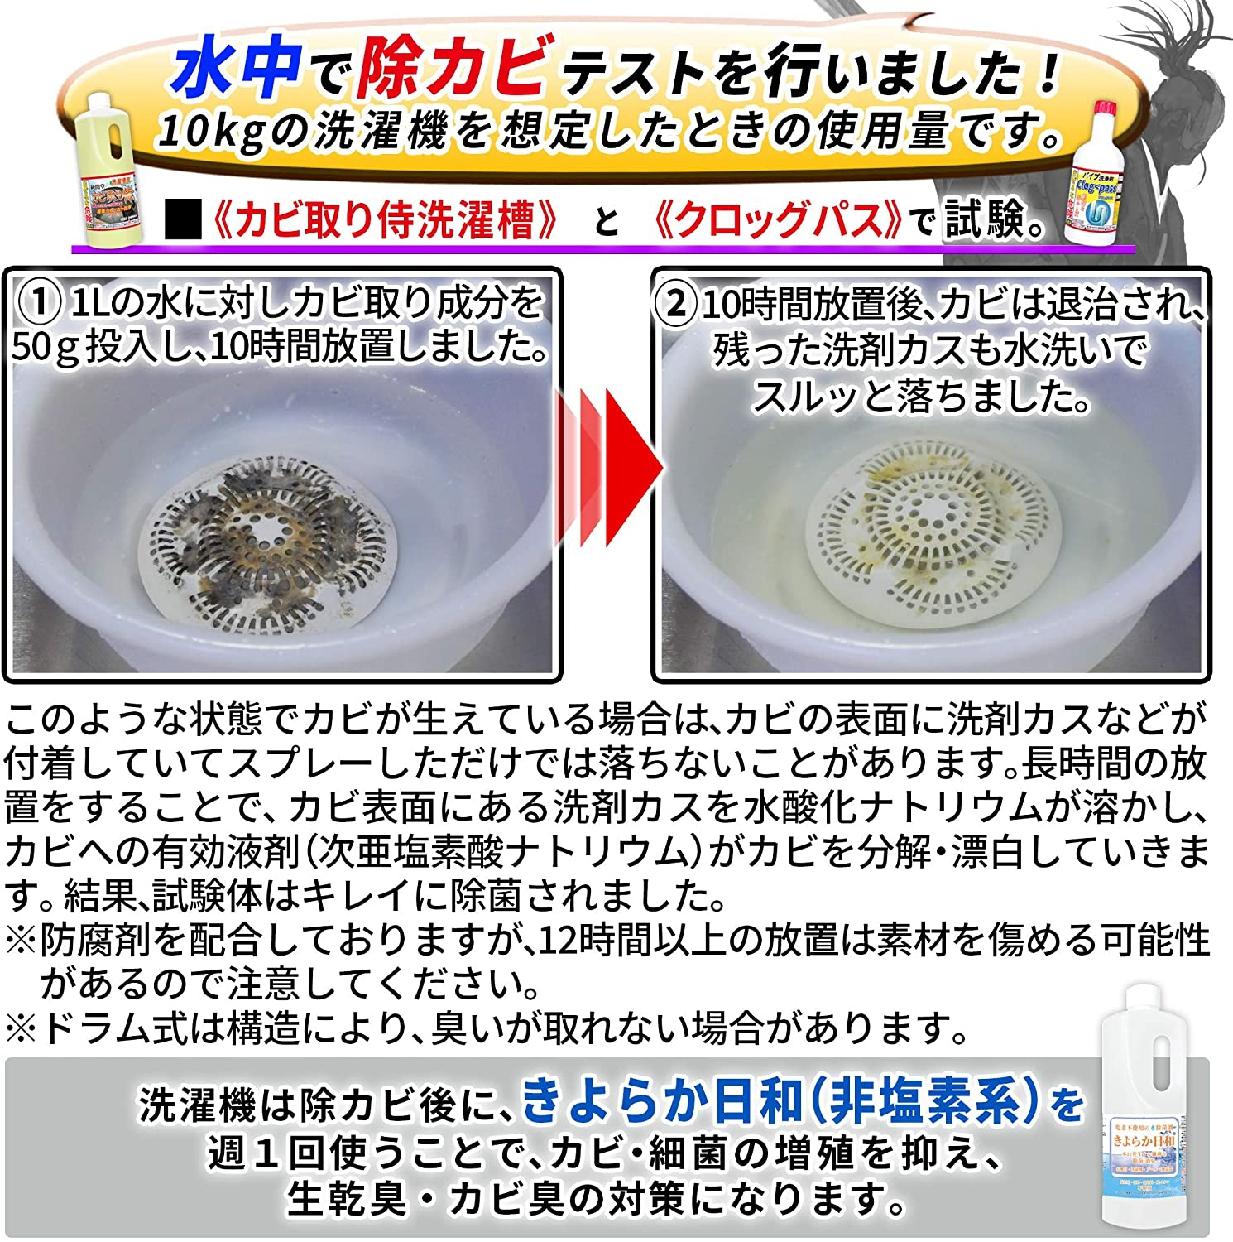 純閃堂(JUNSEIDO) カビ取り侍 洗濯槽用の商品画像8